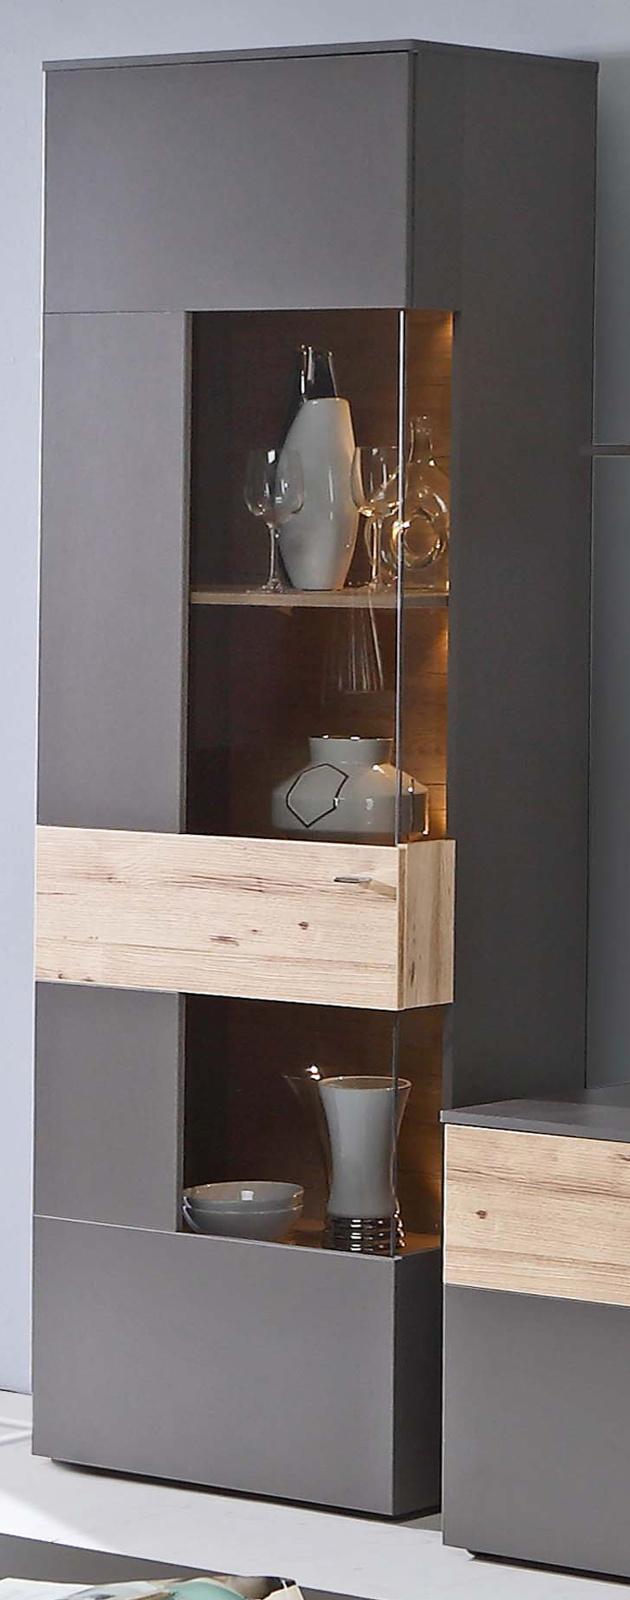 doppelbett komfortbett in 3 verschiedenen farben g teborg17 designerm bel moderne m bel. Black Bedroom Furniture Sets. Home Design Ideas